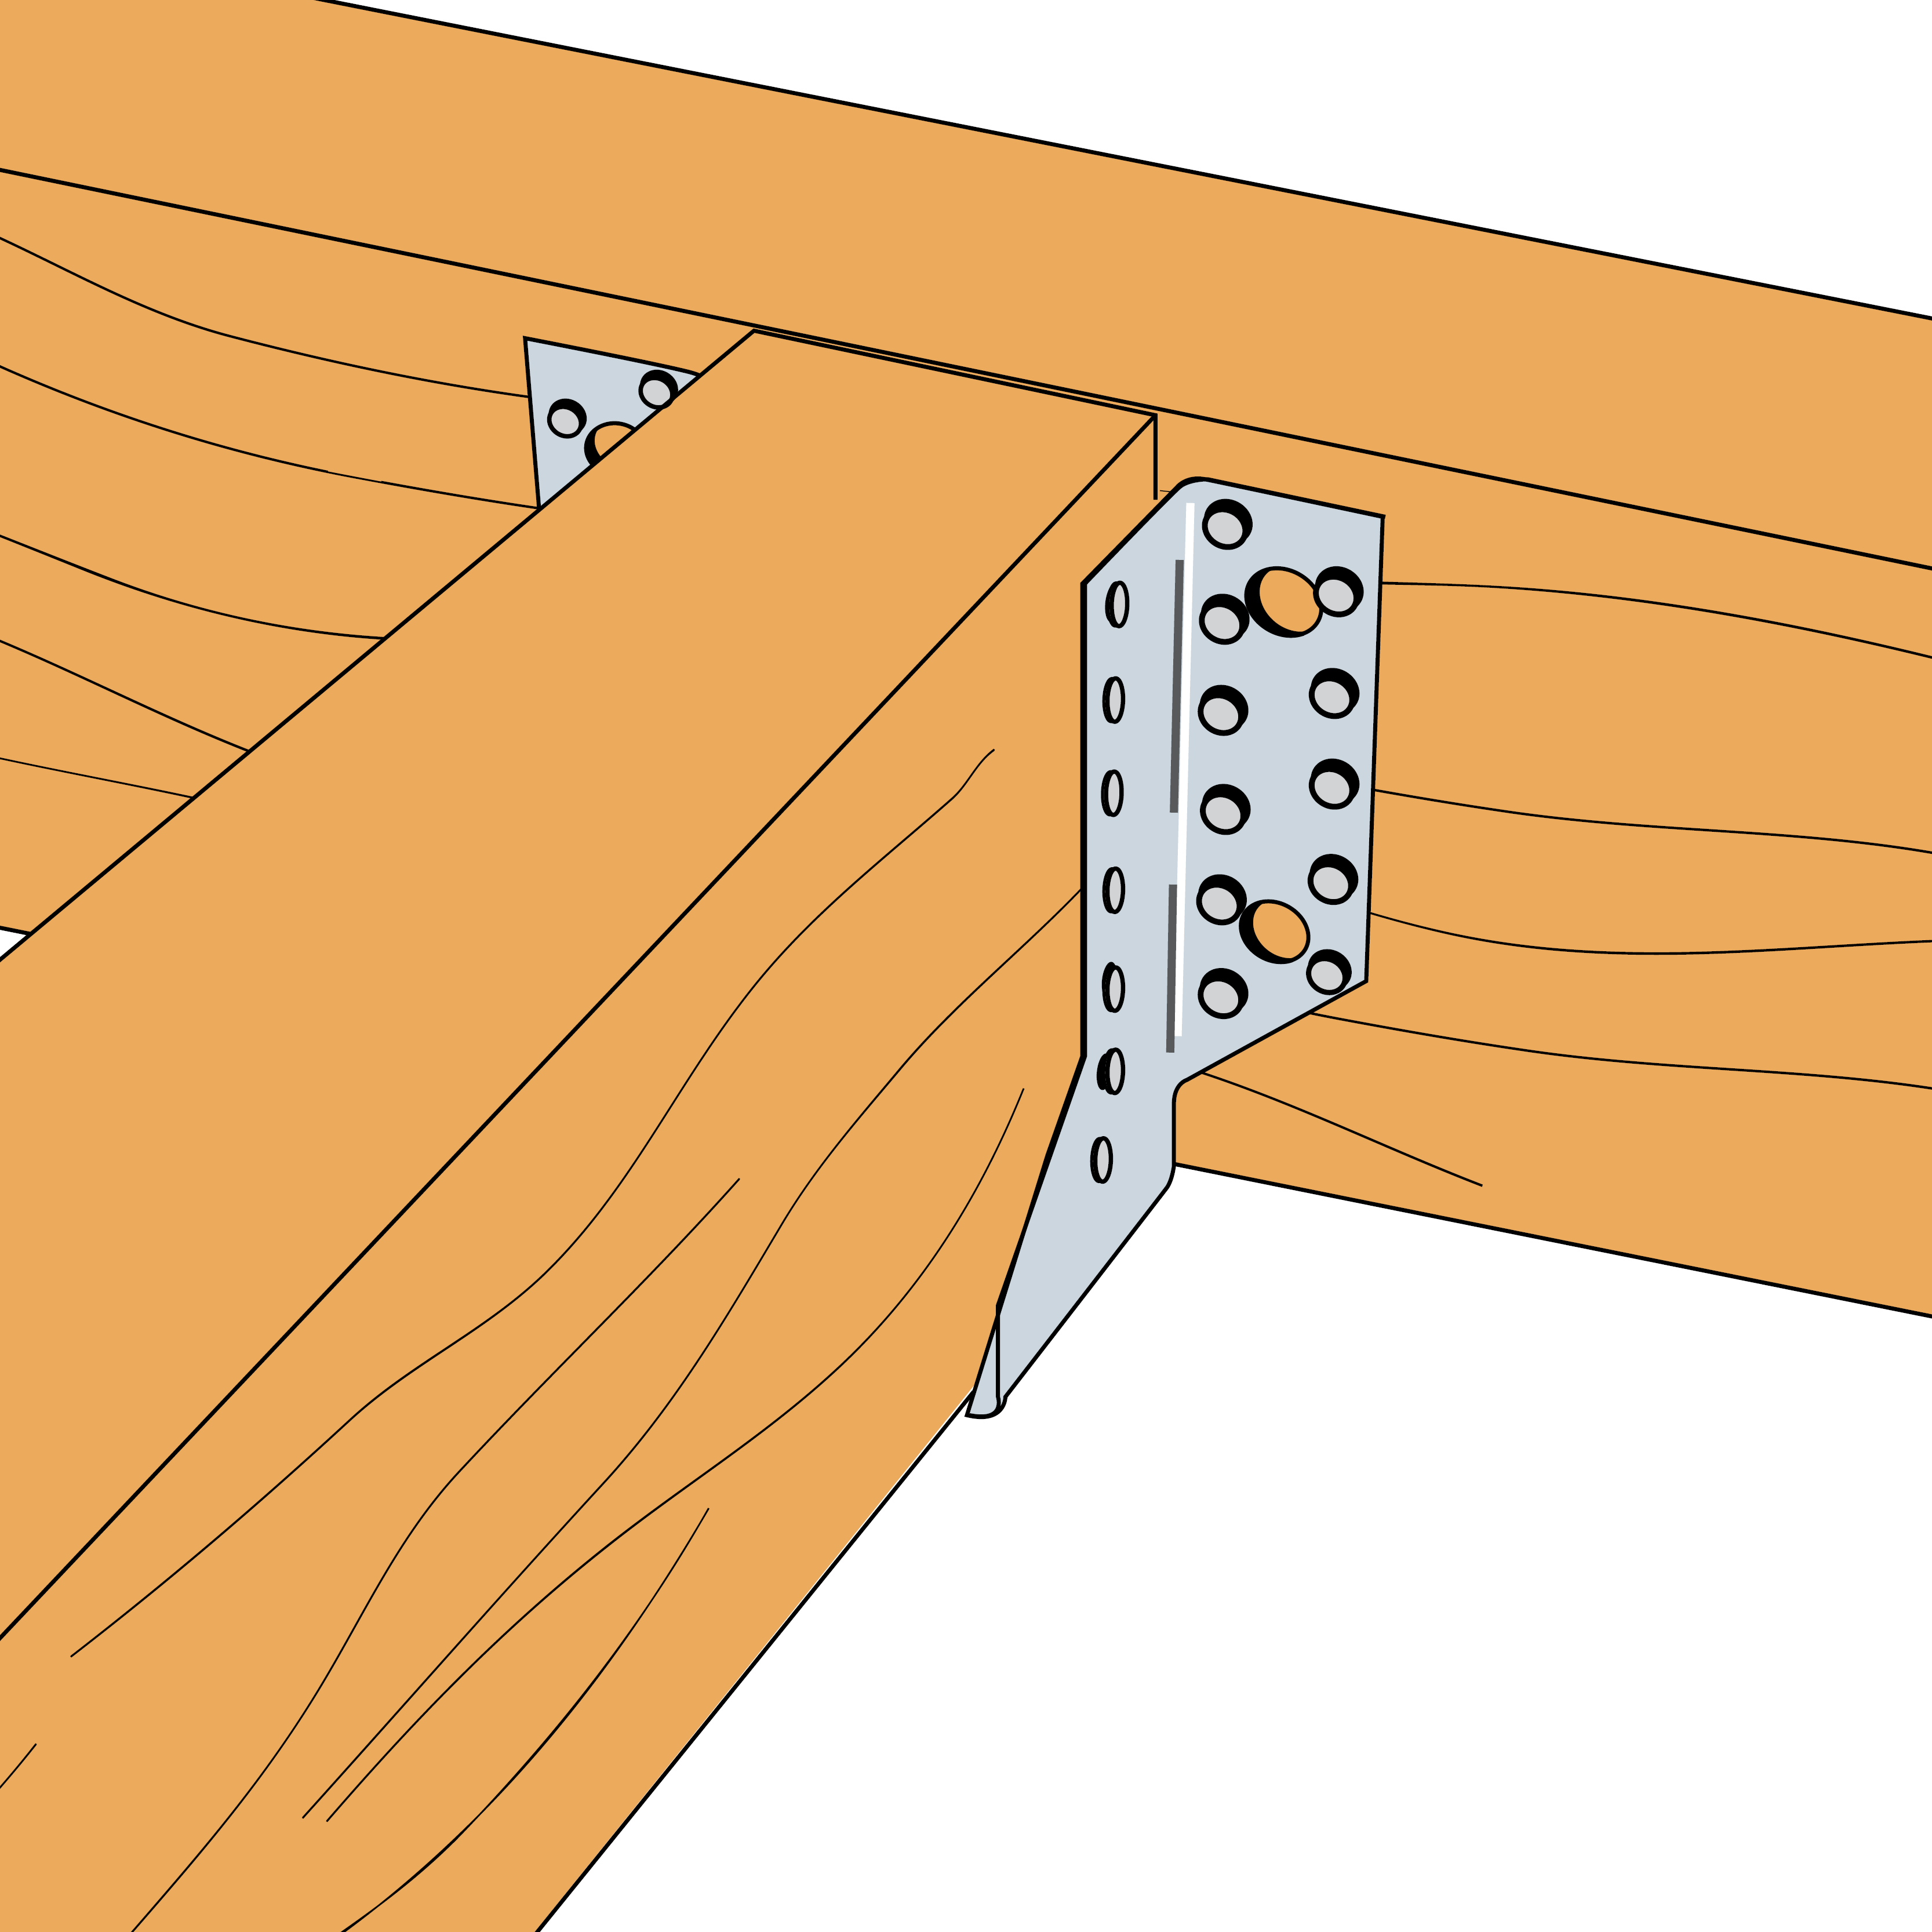 Balkenschuhe 21 teilig   SDE   Simpson Strong Tie